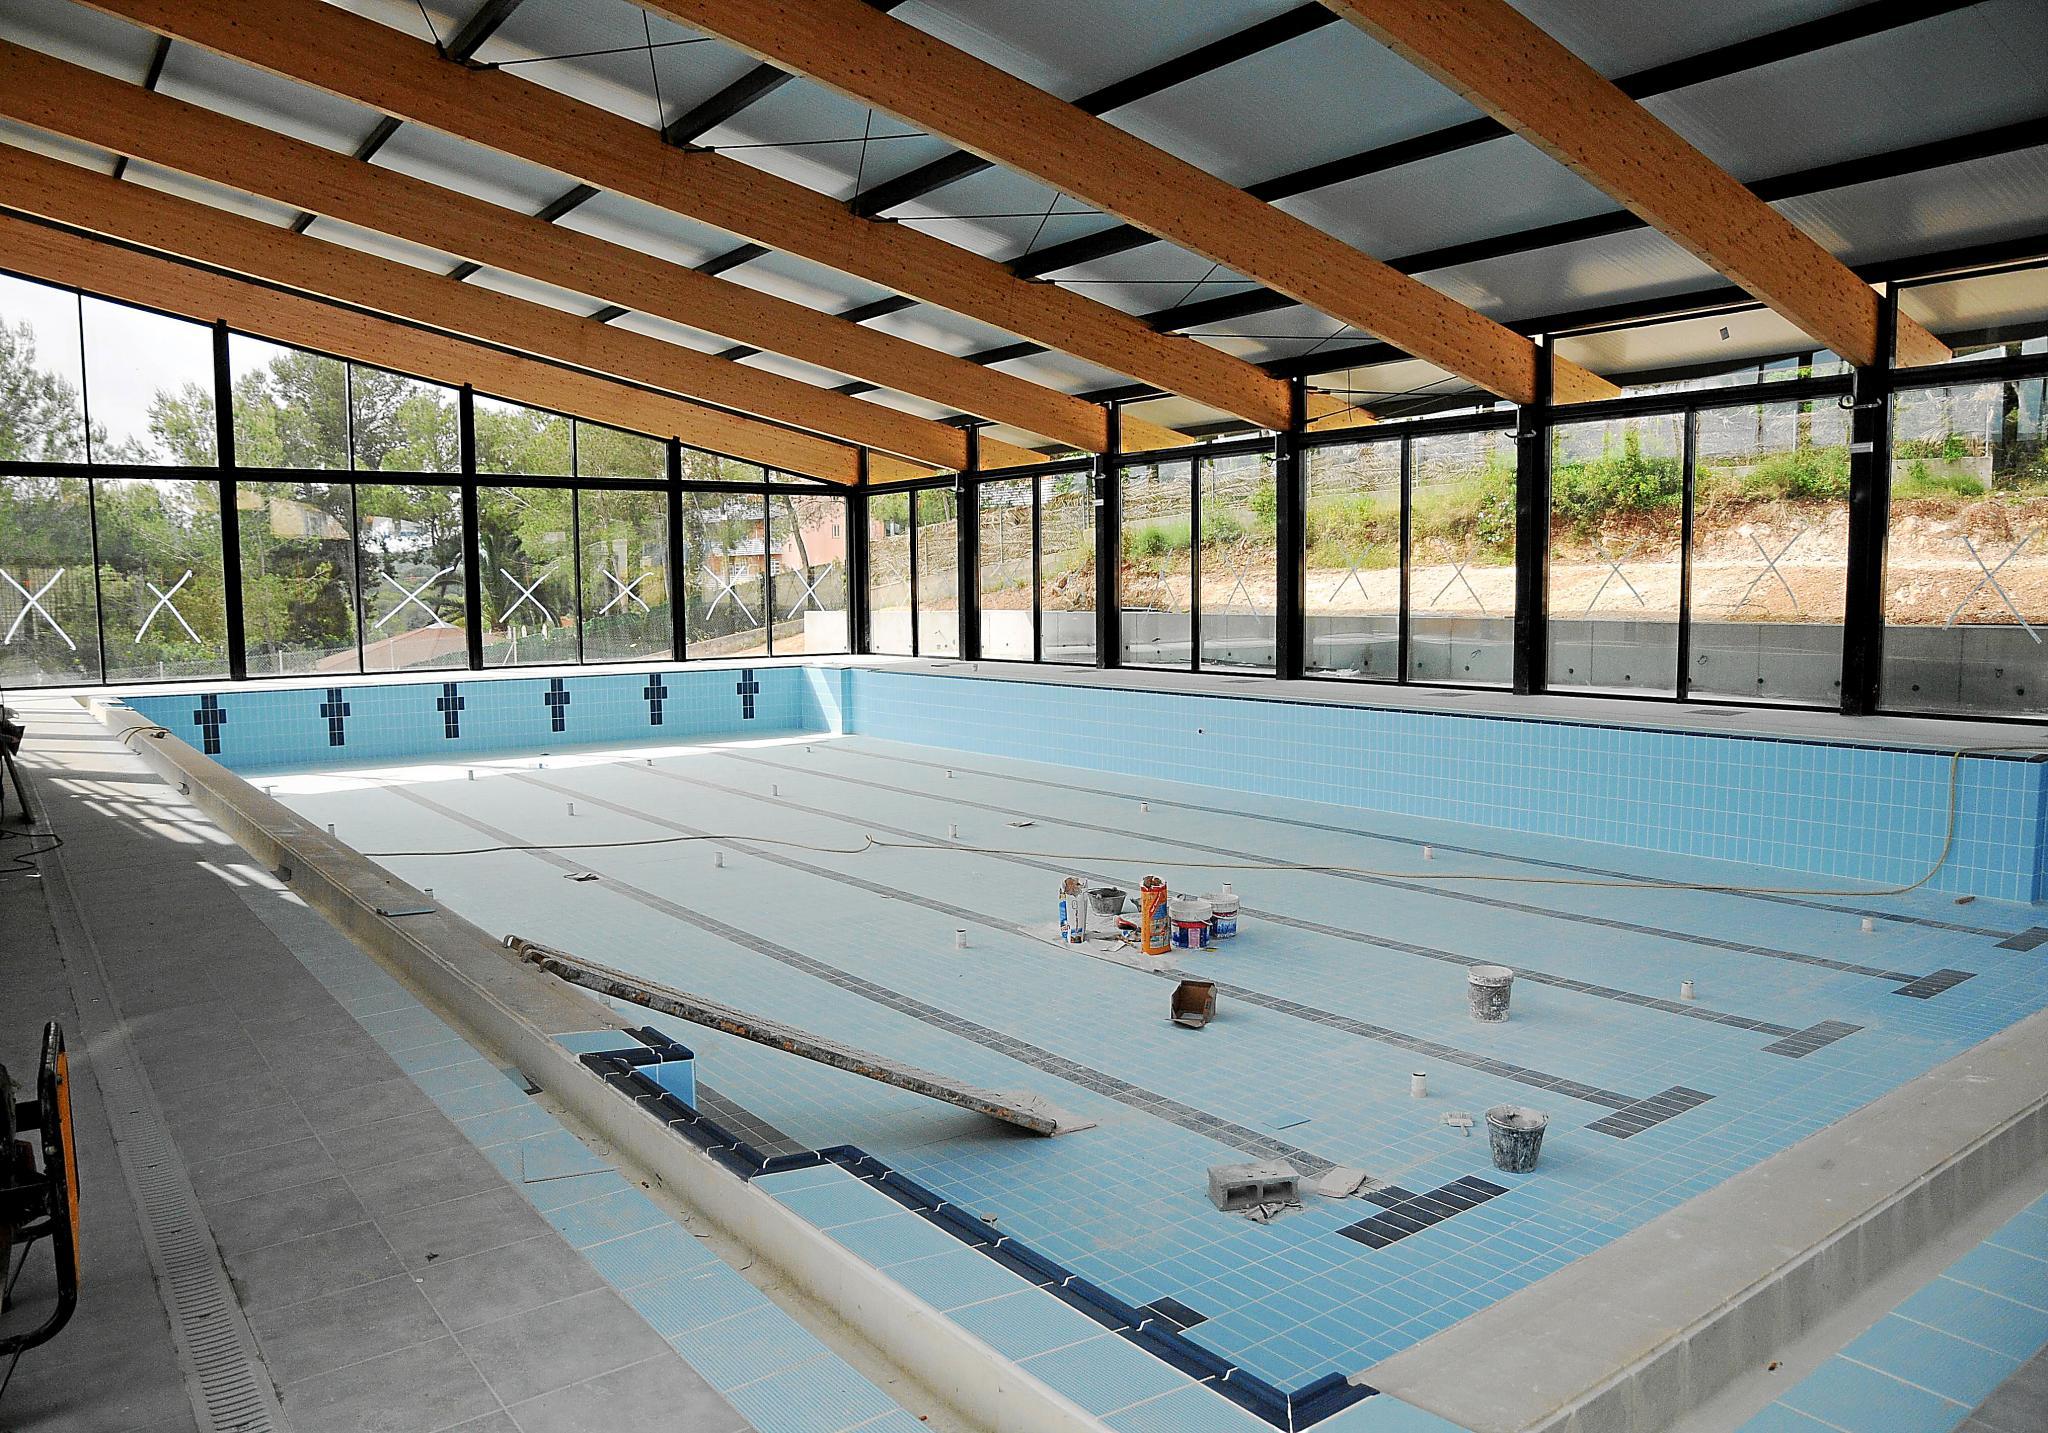 Las piscinas inauguradas de peguera y santa pon a for Piscina municipal arganda del rey